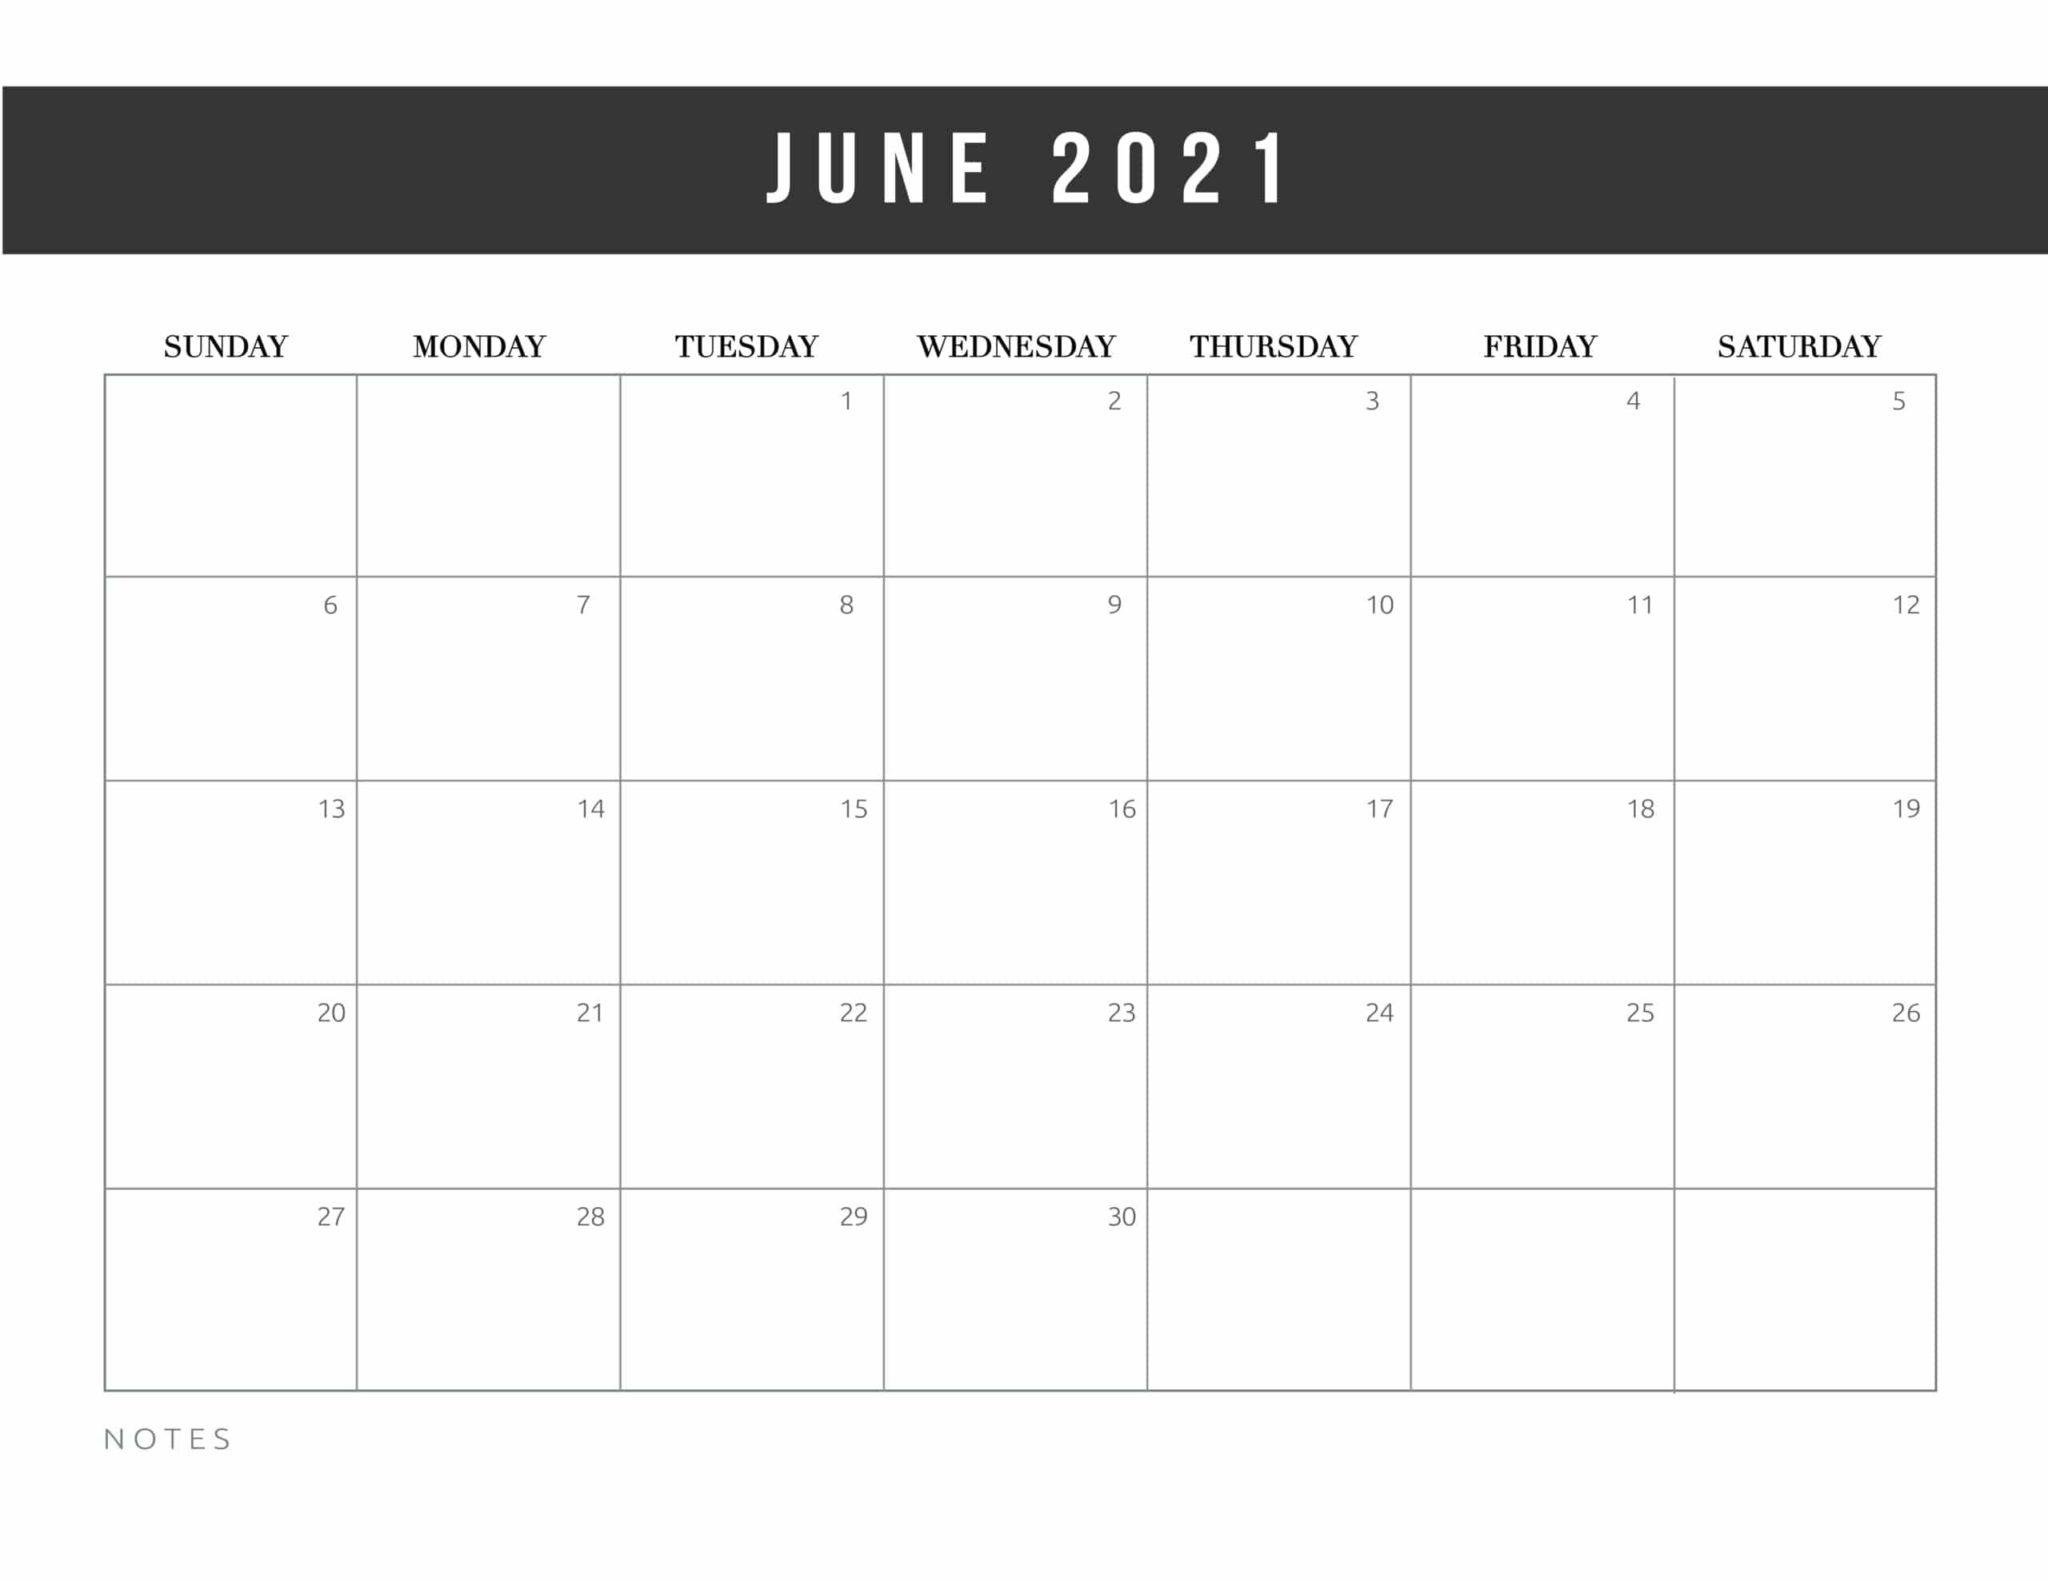 Free Printable June 2021 Calendars